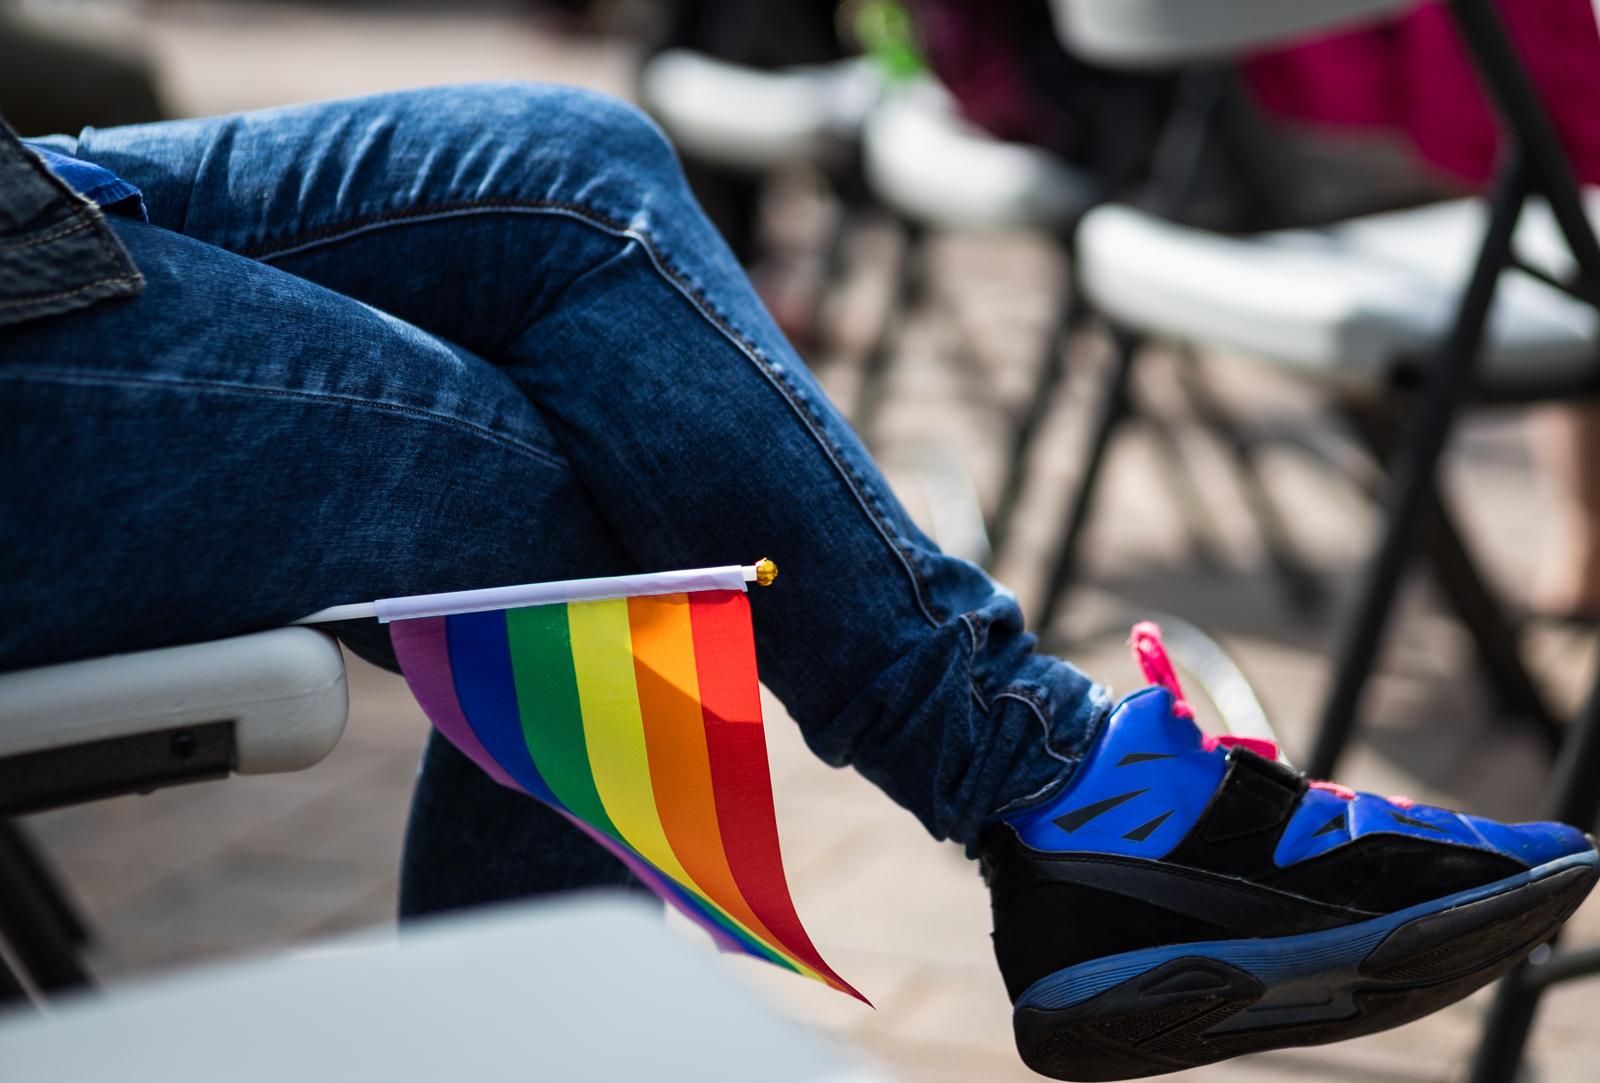 pride-2019-opening-ceremonies-blog-9.jpg